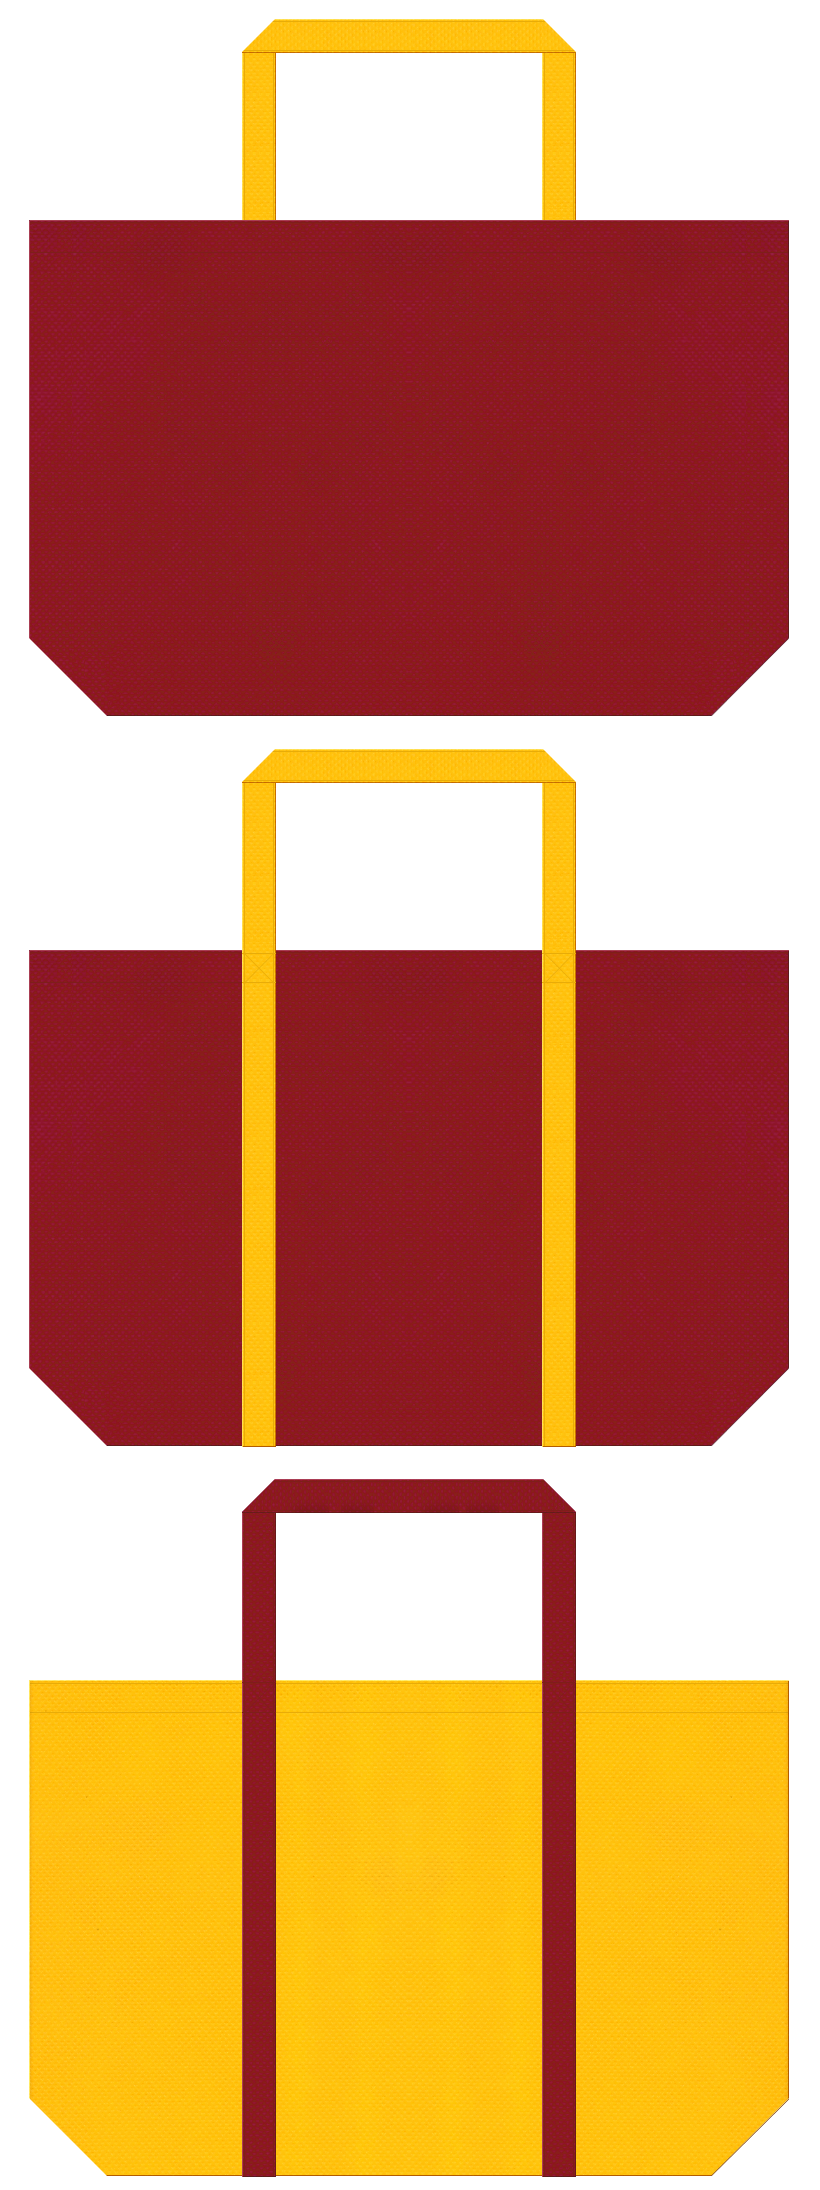 スポーツ・アウトドア・ランタン・バーベキュー・キャンプ用品にお奨め:エンジ色と黄色の不織布ショッピングバッグのデザイン